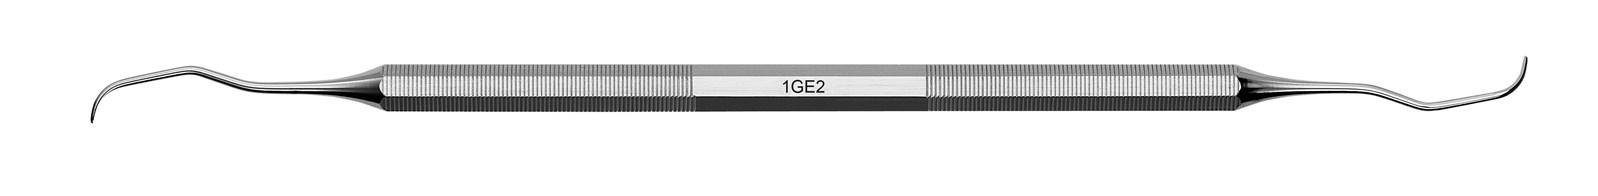 Kyreta Gracey Classic - 1GE2, ADEP silikonový návlek žlutý